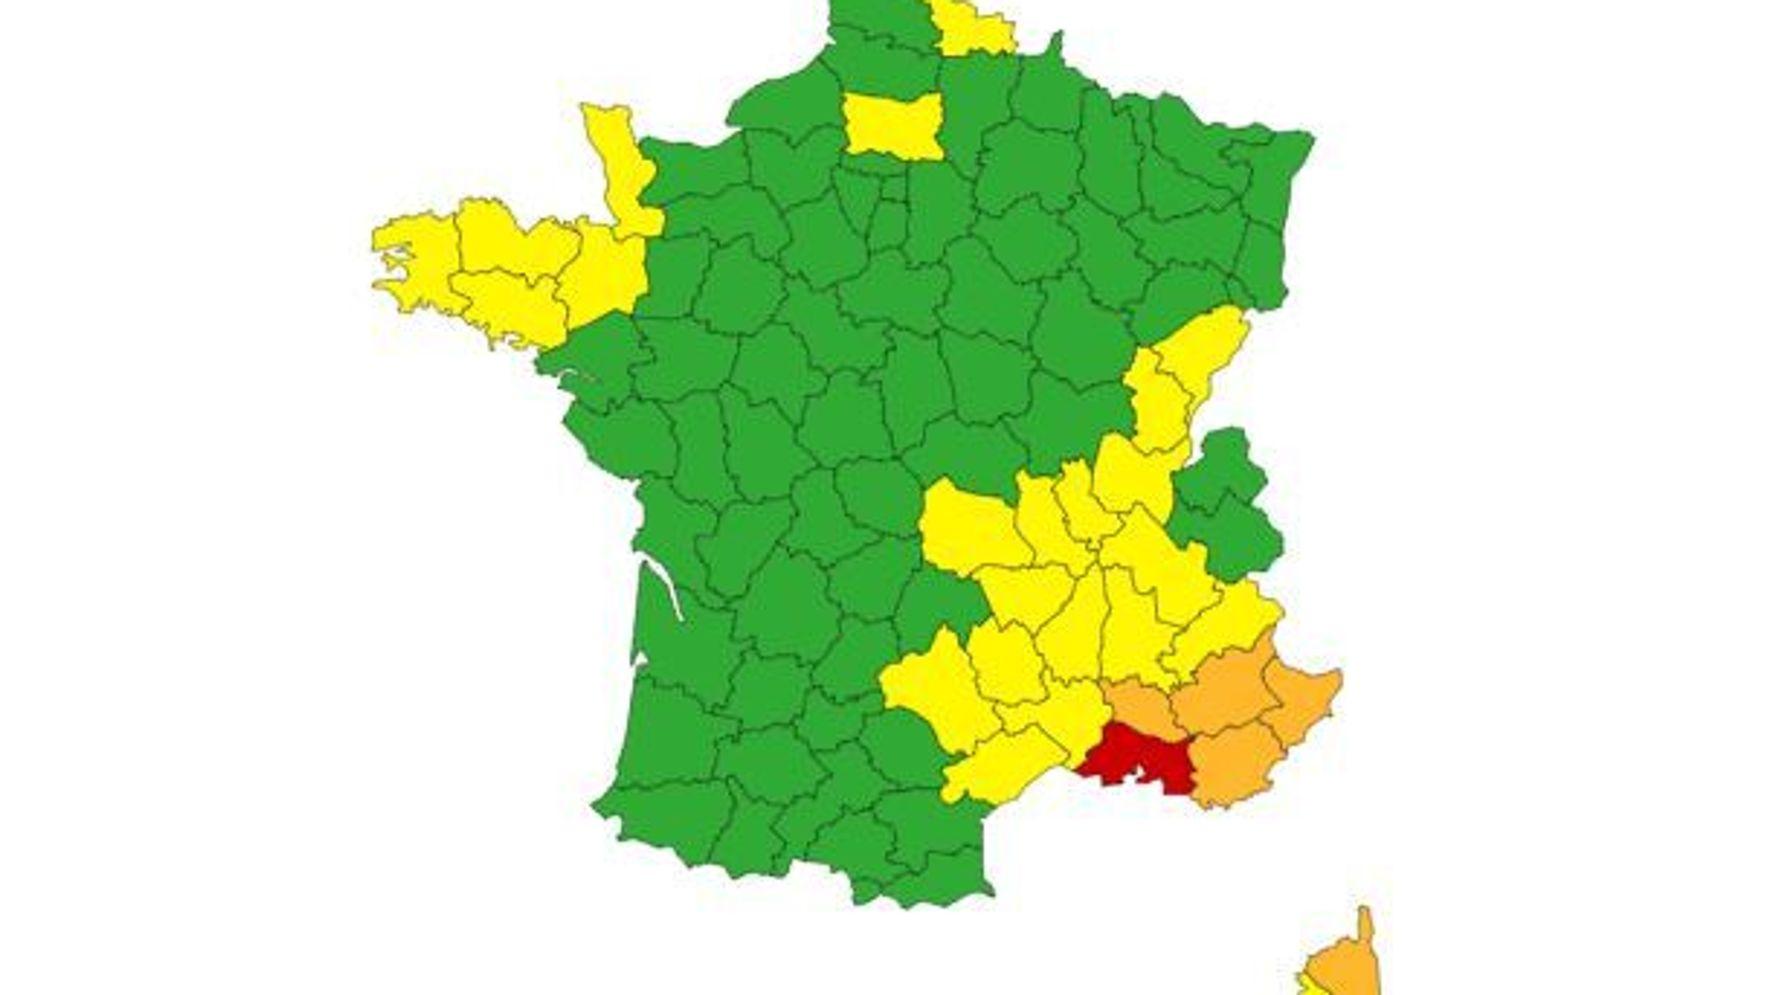 Pluie, inondations: Météo France place les Bouches-du-Rhône en alerte rouge